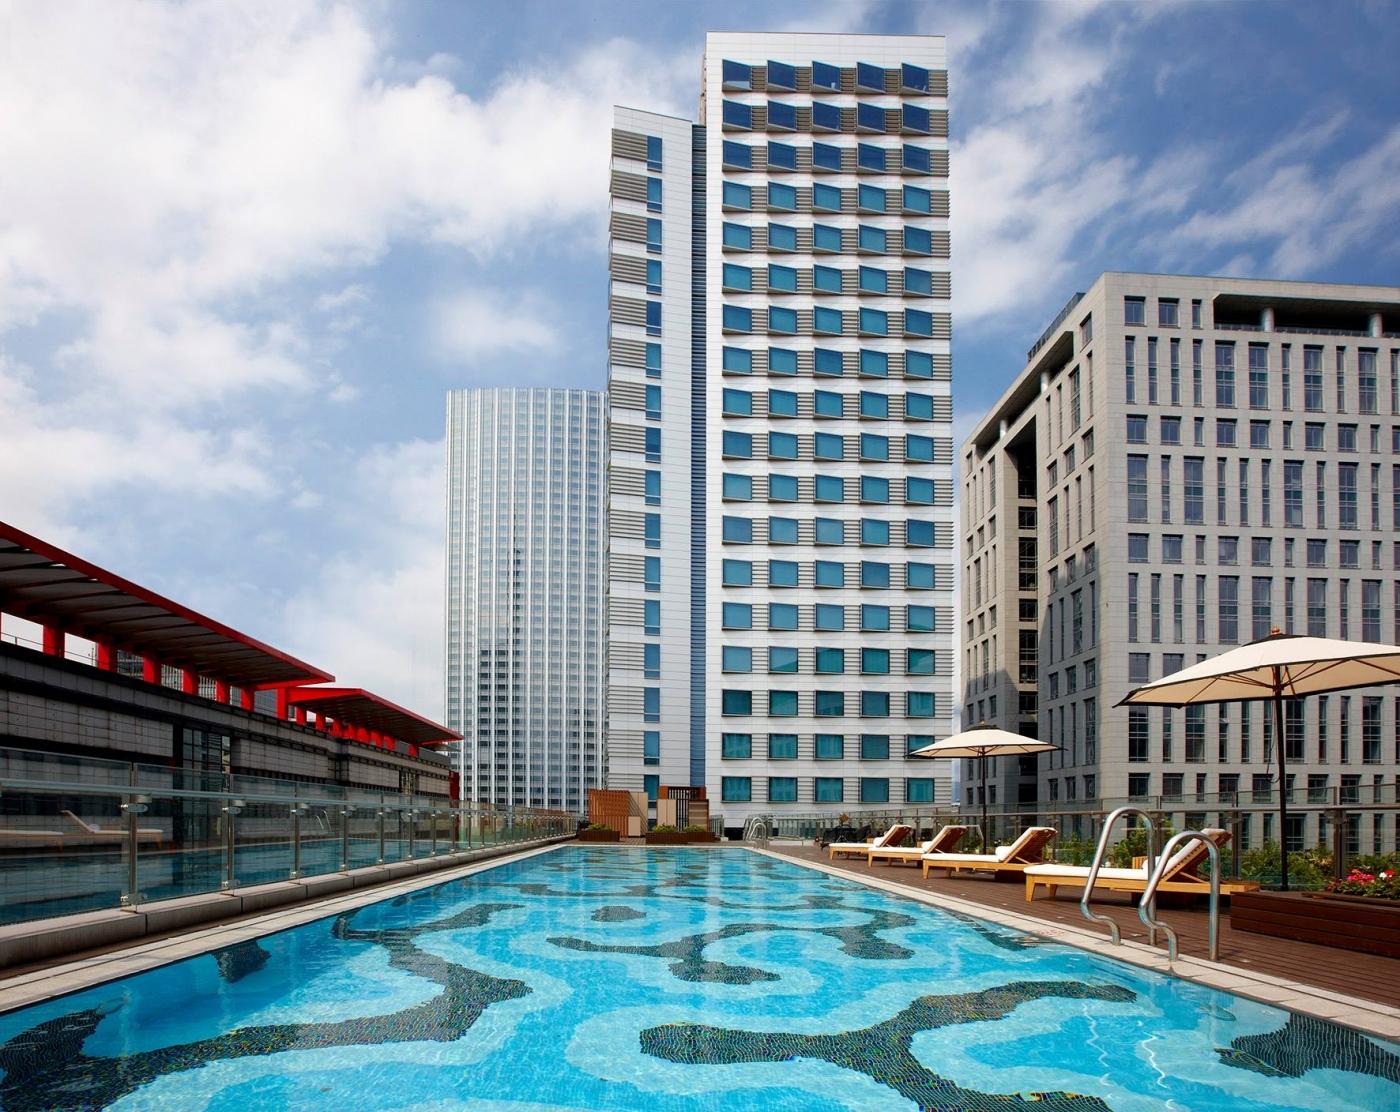 國旅也幫不上忙!寒舍艾麗酒店宣布,10月26日起正式轉為防疫旅館